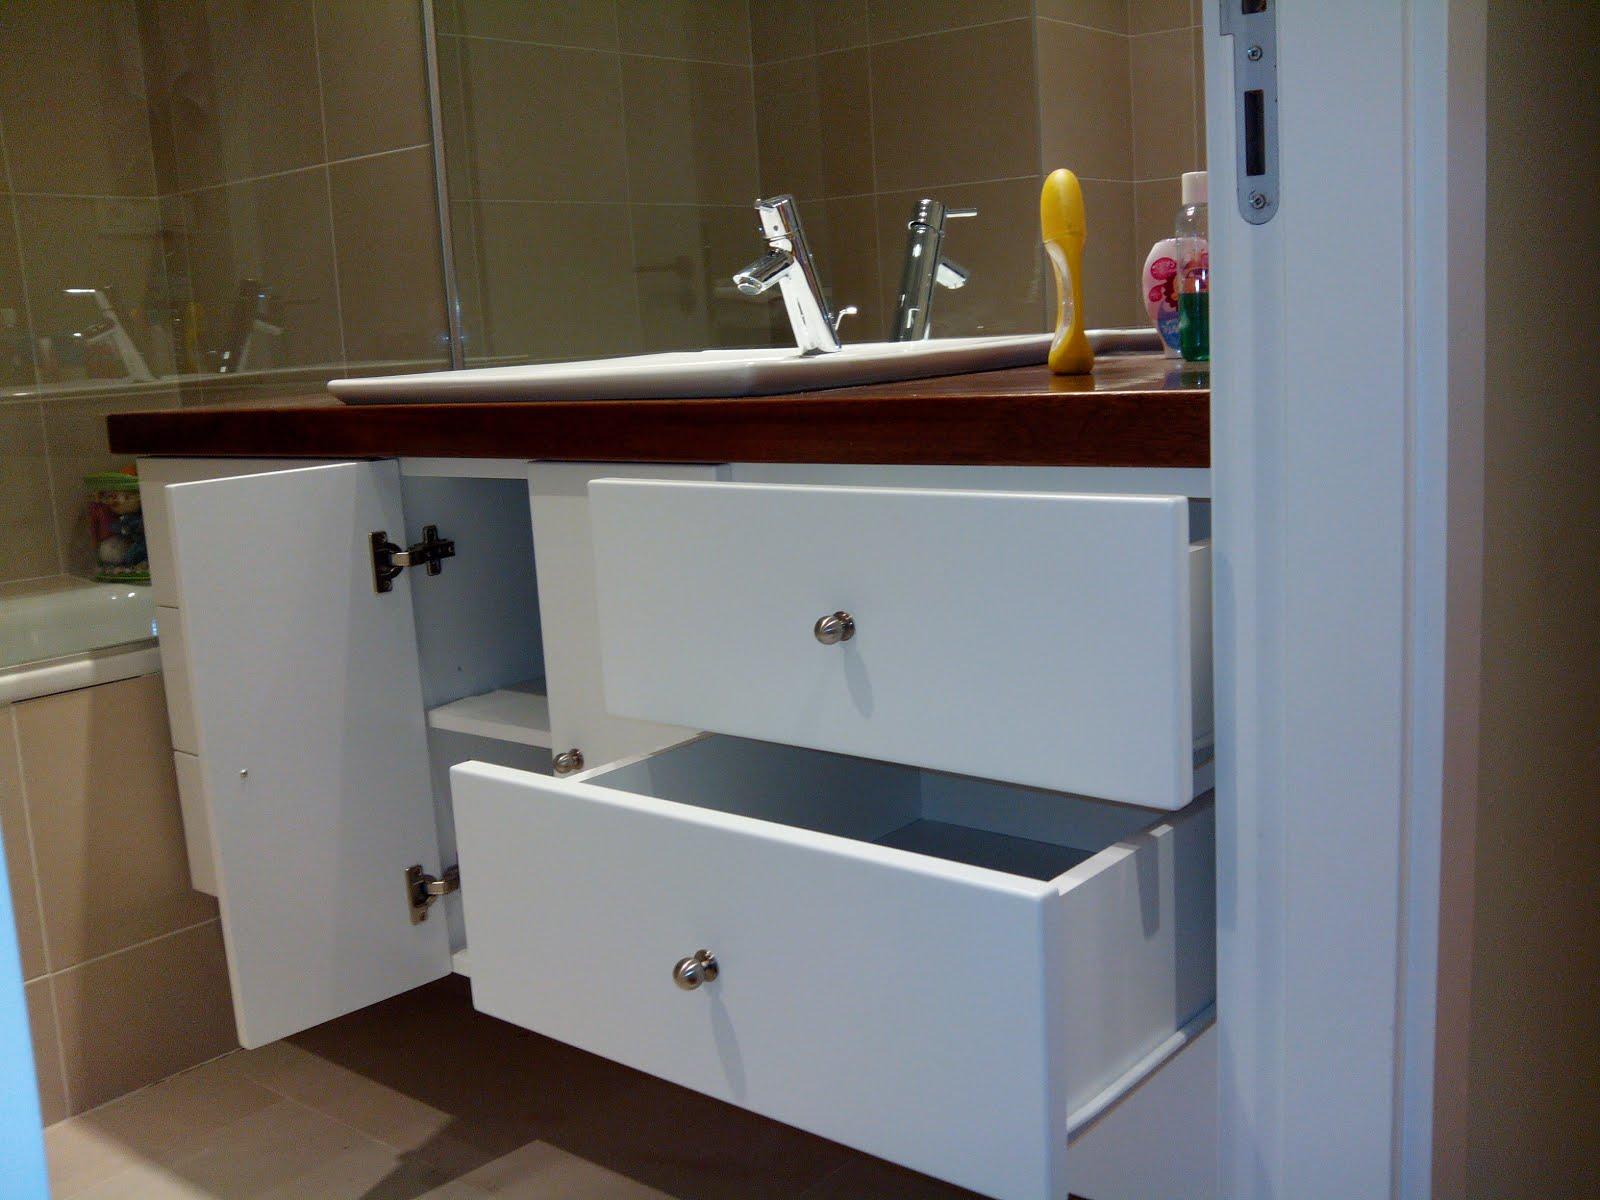 Mueble bajo lavabo lacado en blanco muebles cansado for Mueble auxiliar bano bajo lavabo